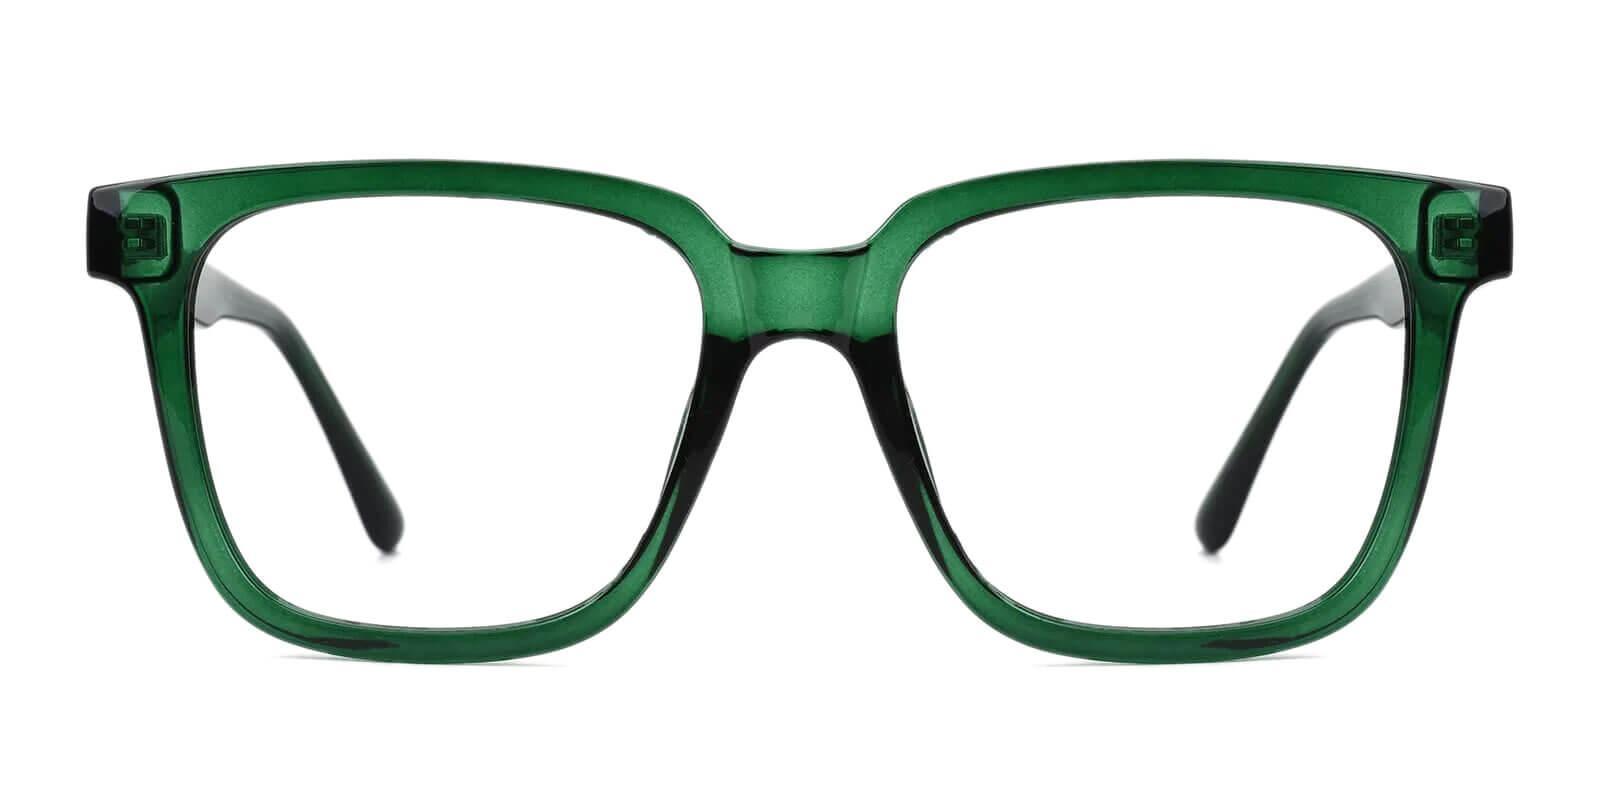 Blossom Green Acetate Eyeglasses , SpringHinges , UniversalBridgeFit Frames from ABBE Glasses